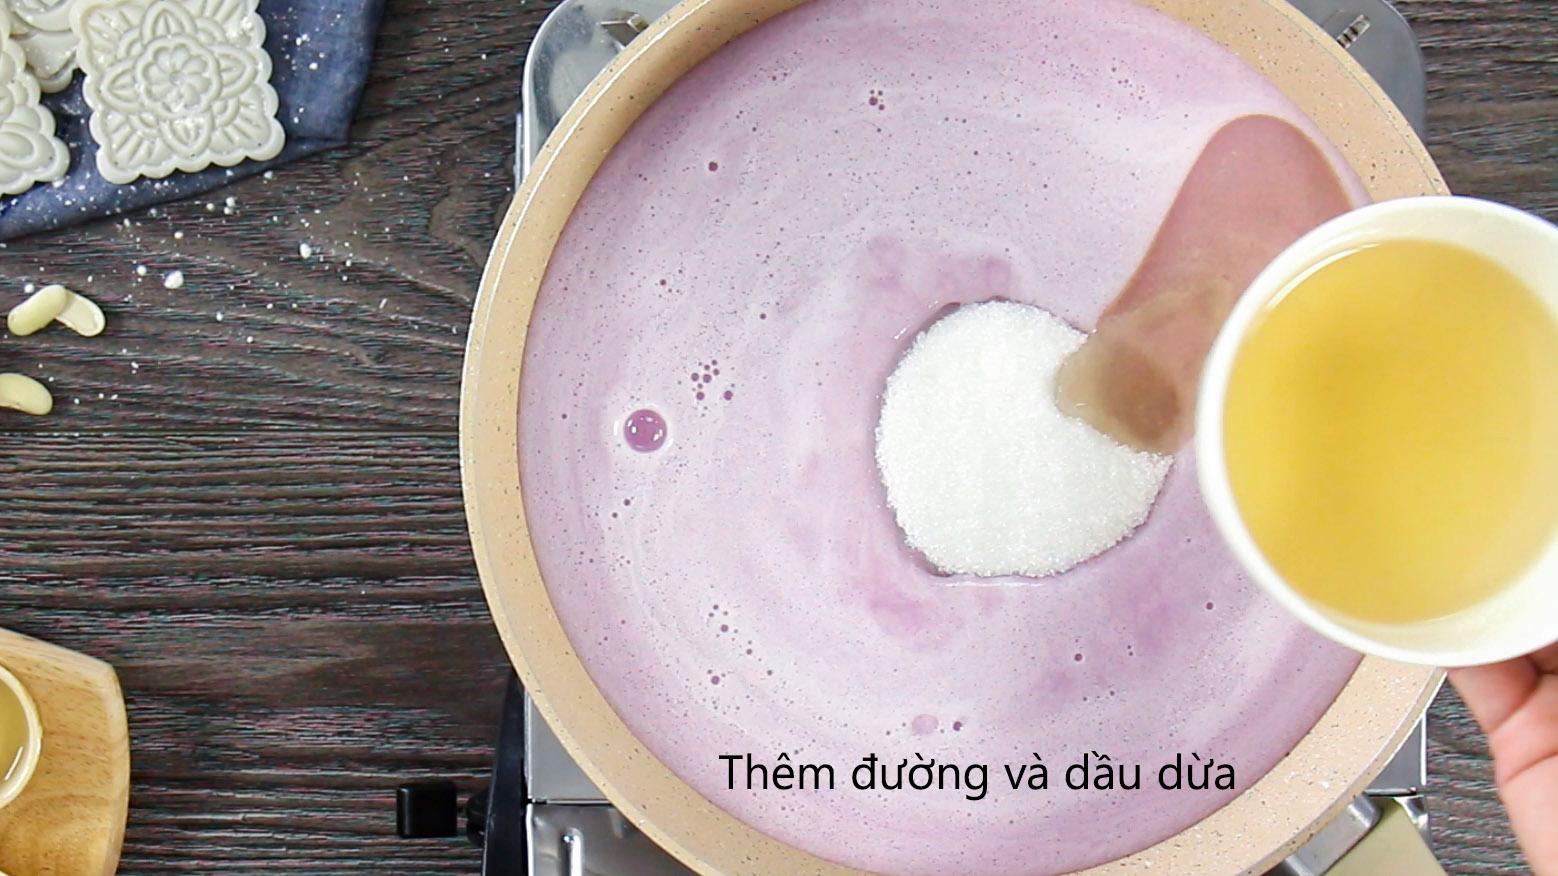 cách làm nhân khoai môn 77 cách làm nhân khoai môn Cách làm nhân khoai môn đậu trắng ngọt thơm cho Trung thu 2018 cach lam nhan khoai mon 77